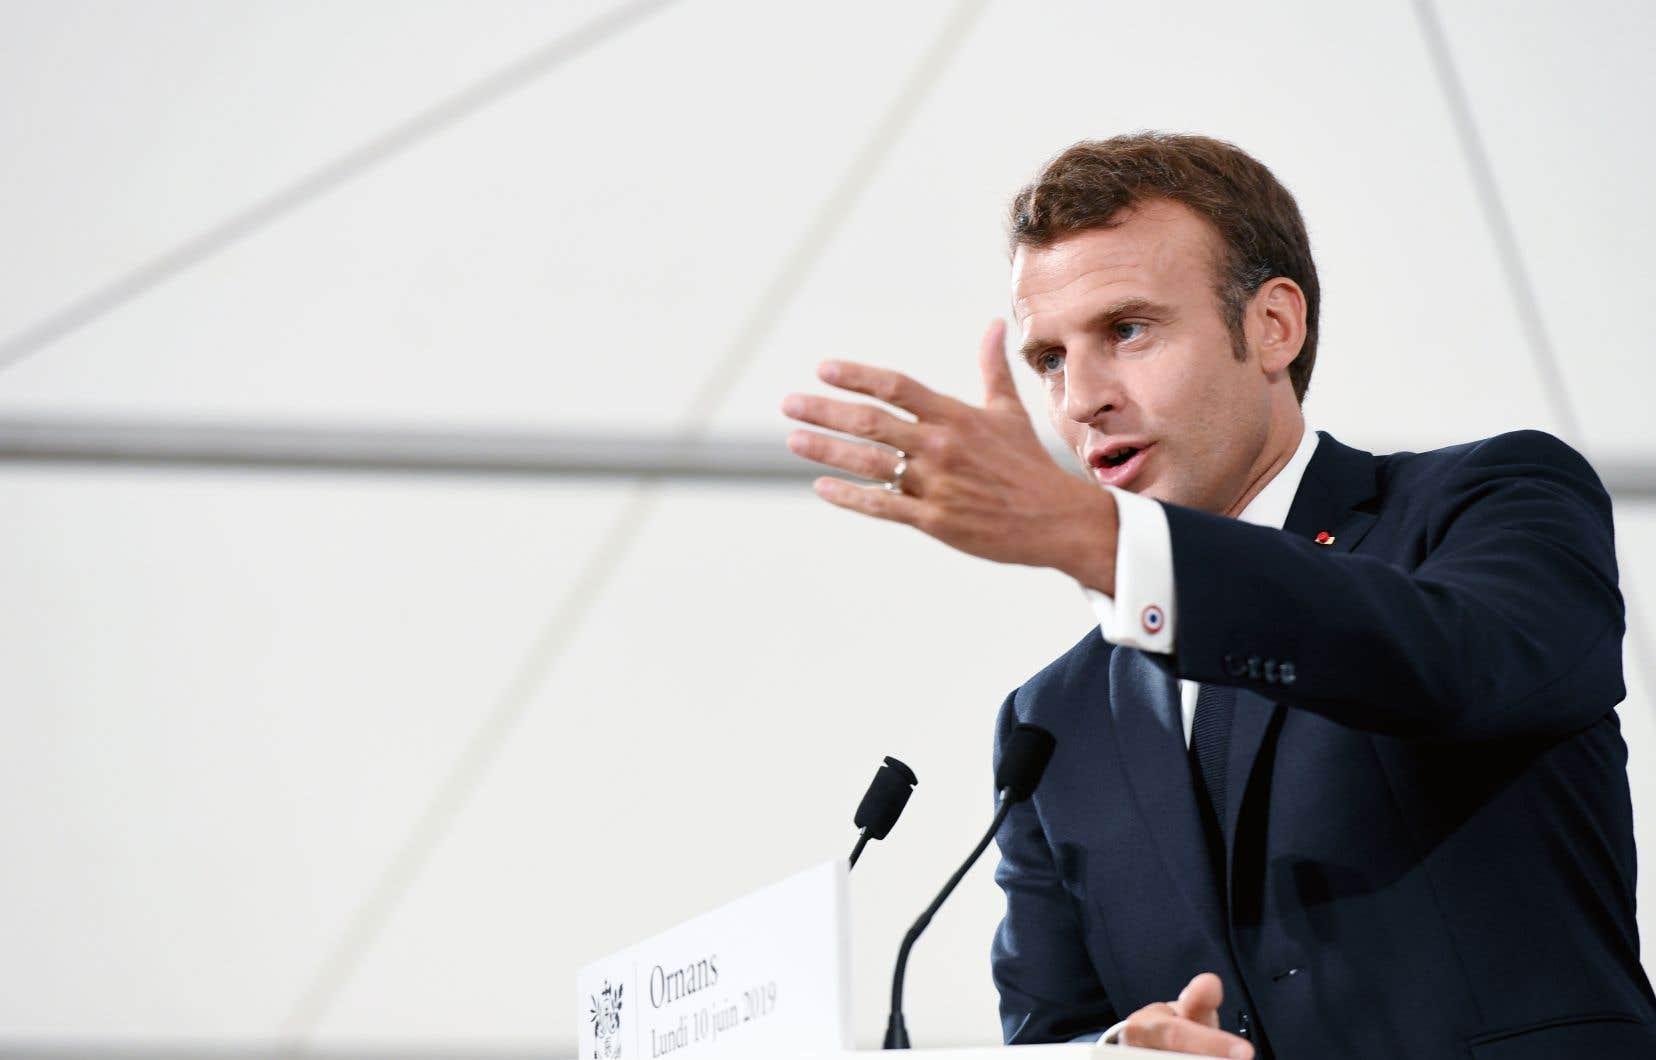 Au Sommet de la Francophonie en octobre 2018, le président Emmanuel Macron avait déclaré sa volonté de promouvoir le français comme «langue de la création», ce qui le différencie de l'anglais, «langue d'usage».